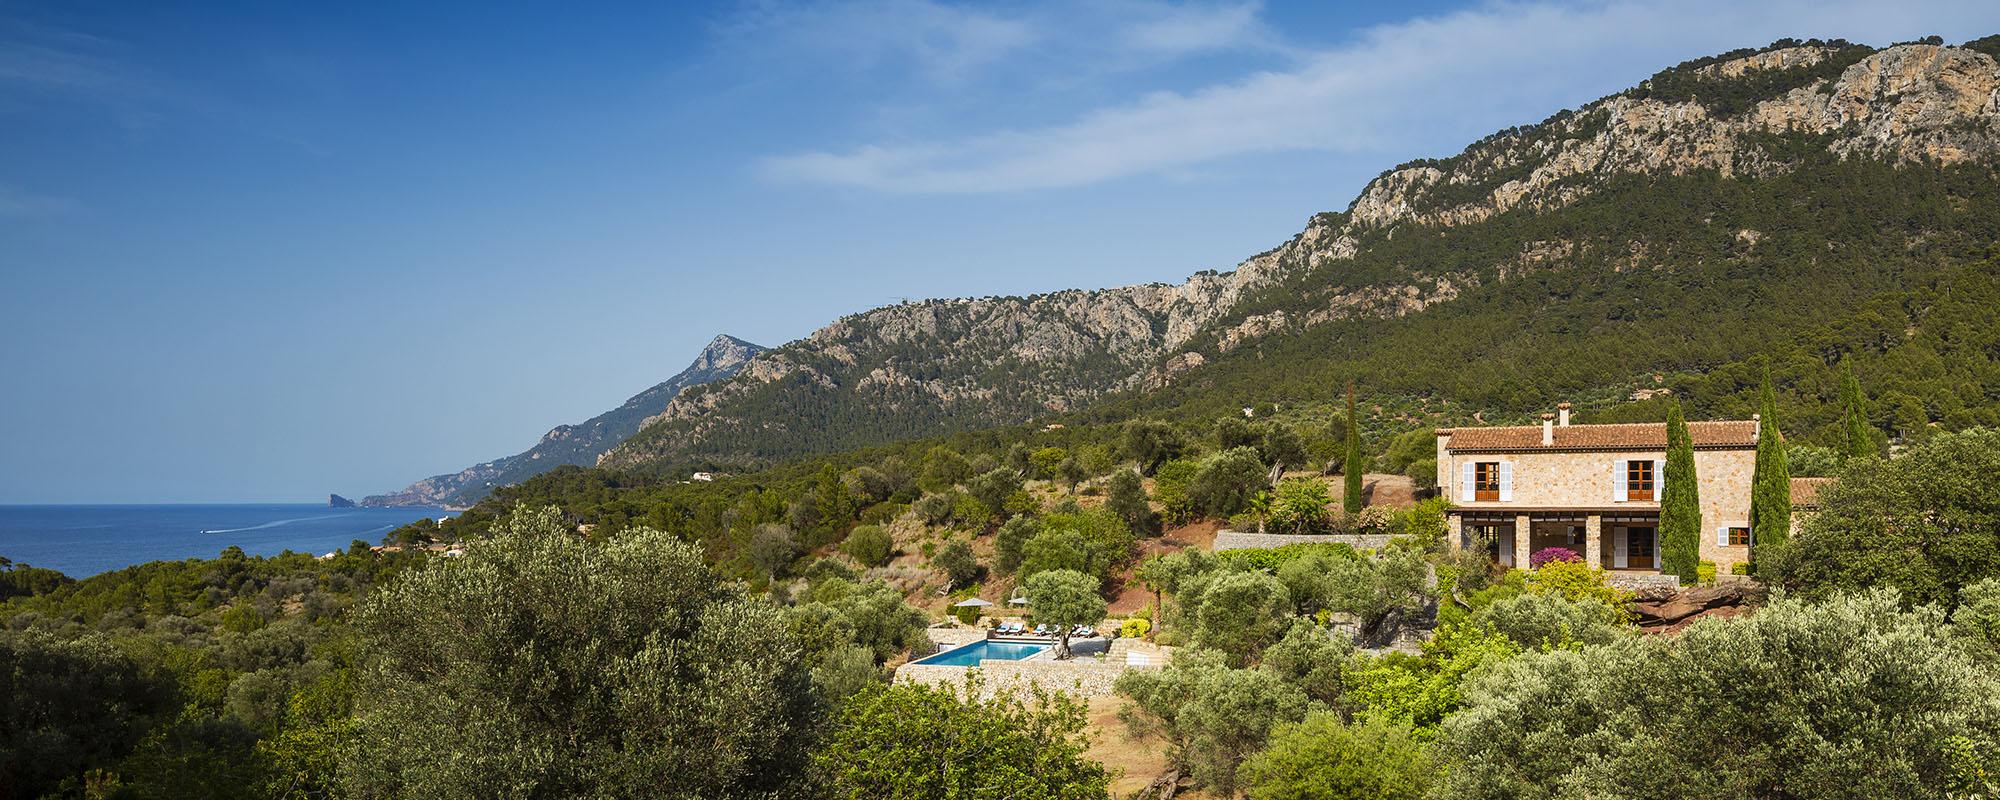 Finca Son Bunyola mit privatem Meerzugang bietet auf einem grossen Grundstück drei Fincas zur Miete auf Mallorca mit Tennisplatz und jeweils 5 Doppelzimmern. Inkl. Servicepersonal. Mallorca Virgin Limited Edition